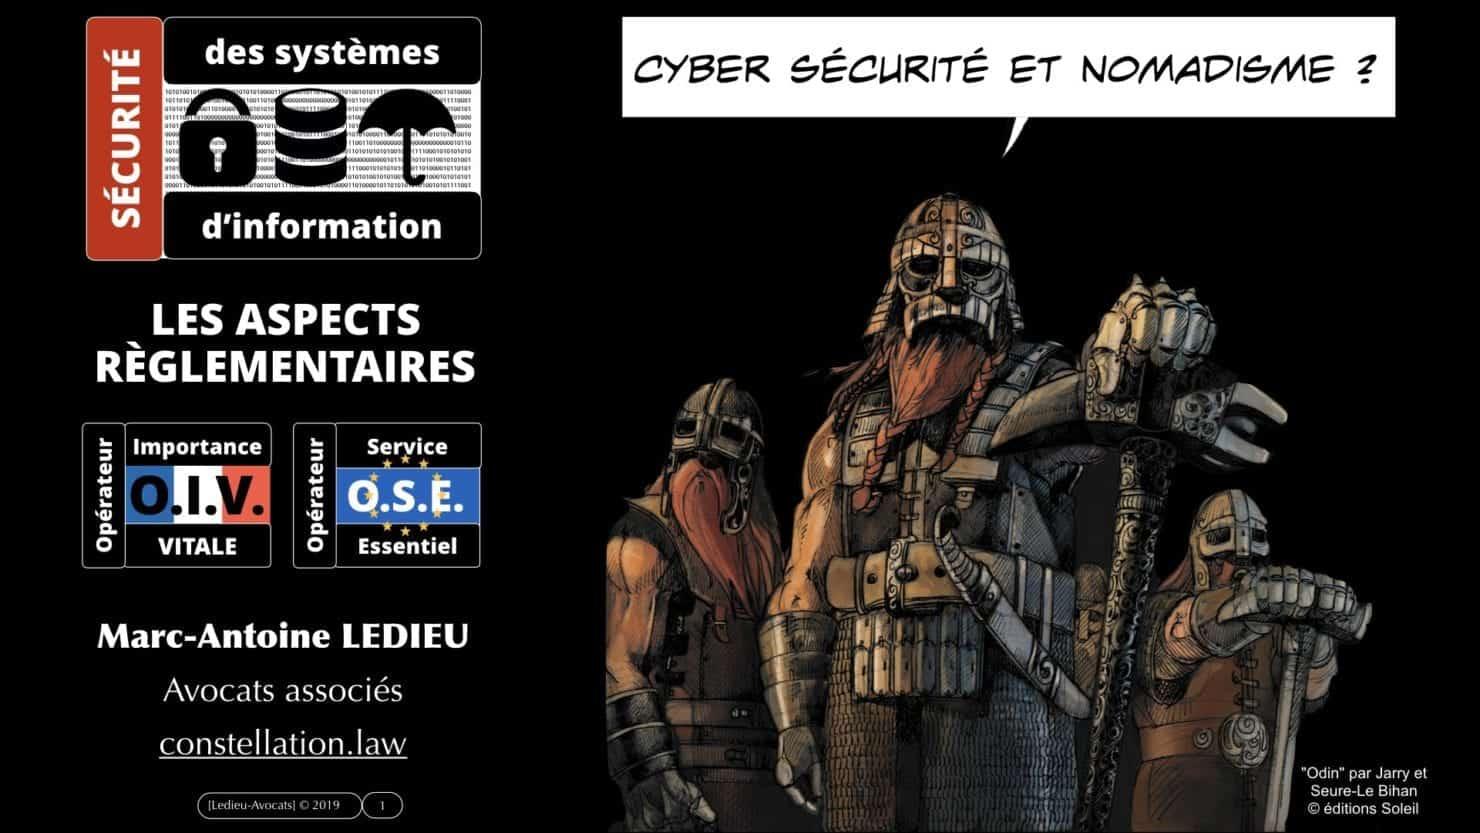 nomadisme & sécurité des systèmes d'information : contraintes ?